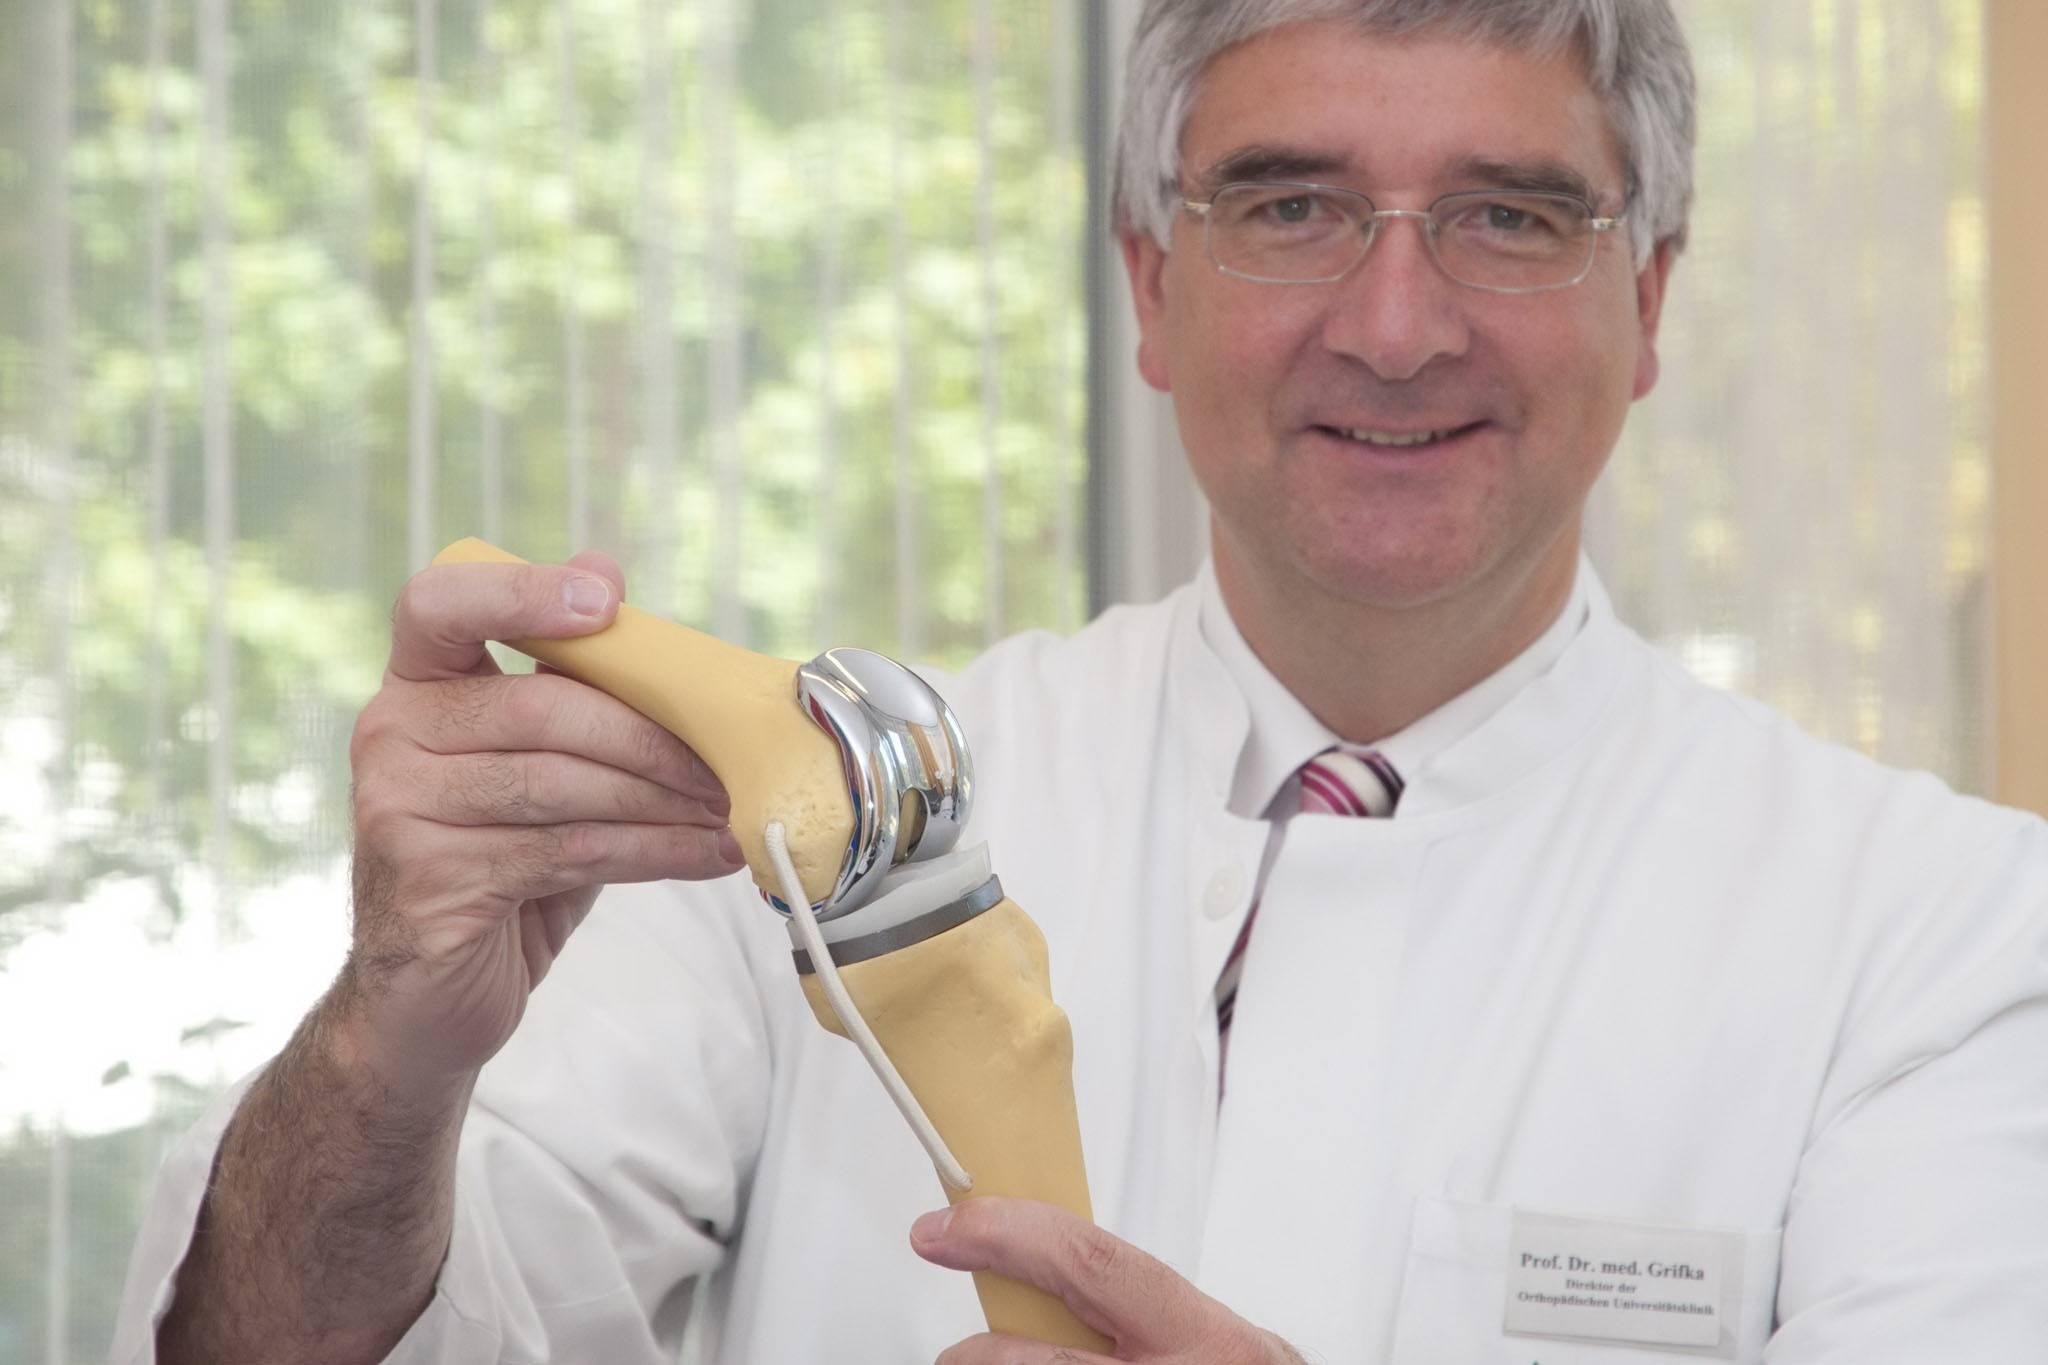 Ортопедия в германии, лечение ортопедических заболеваний в немецких клиниках, цены, отзывы - docland